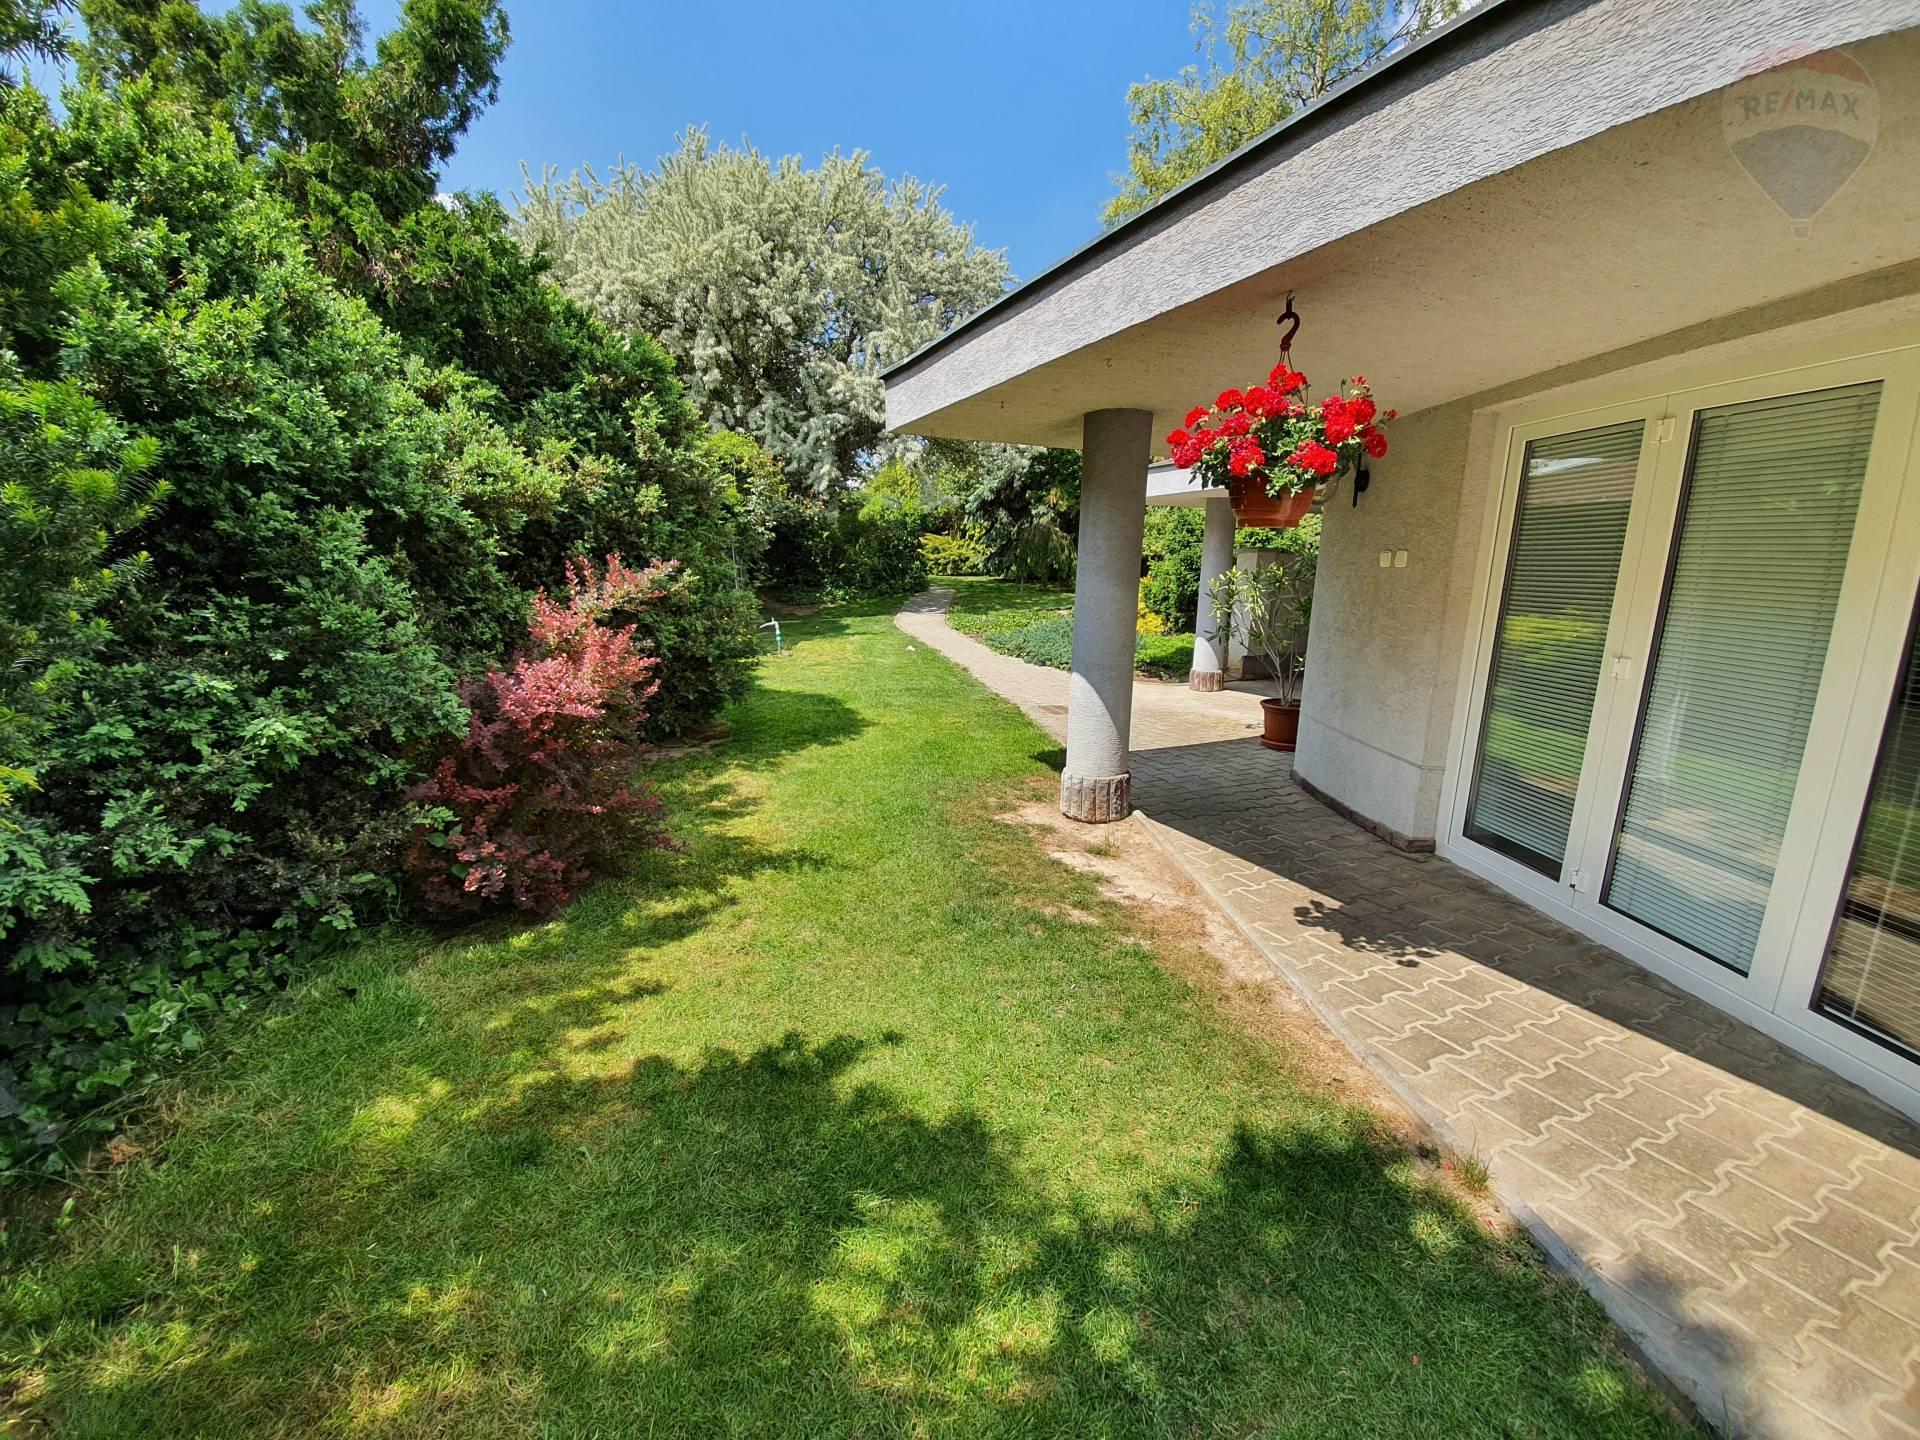 7-izbová vila s nádhernou záhradou, Tehla okr. Levice EXKLUZÍVNE